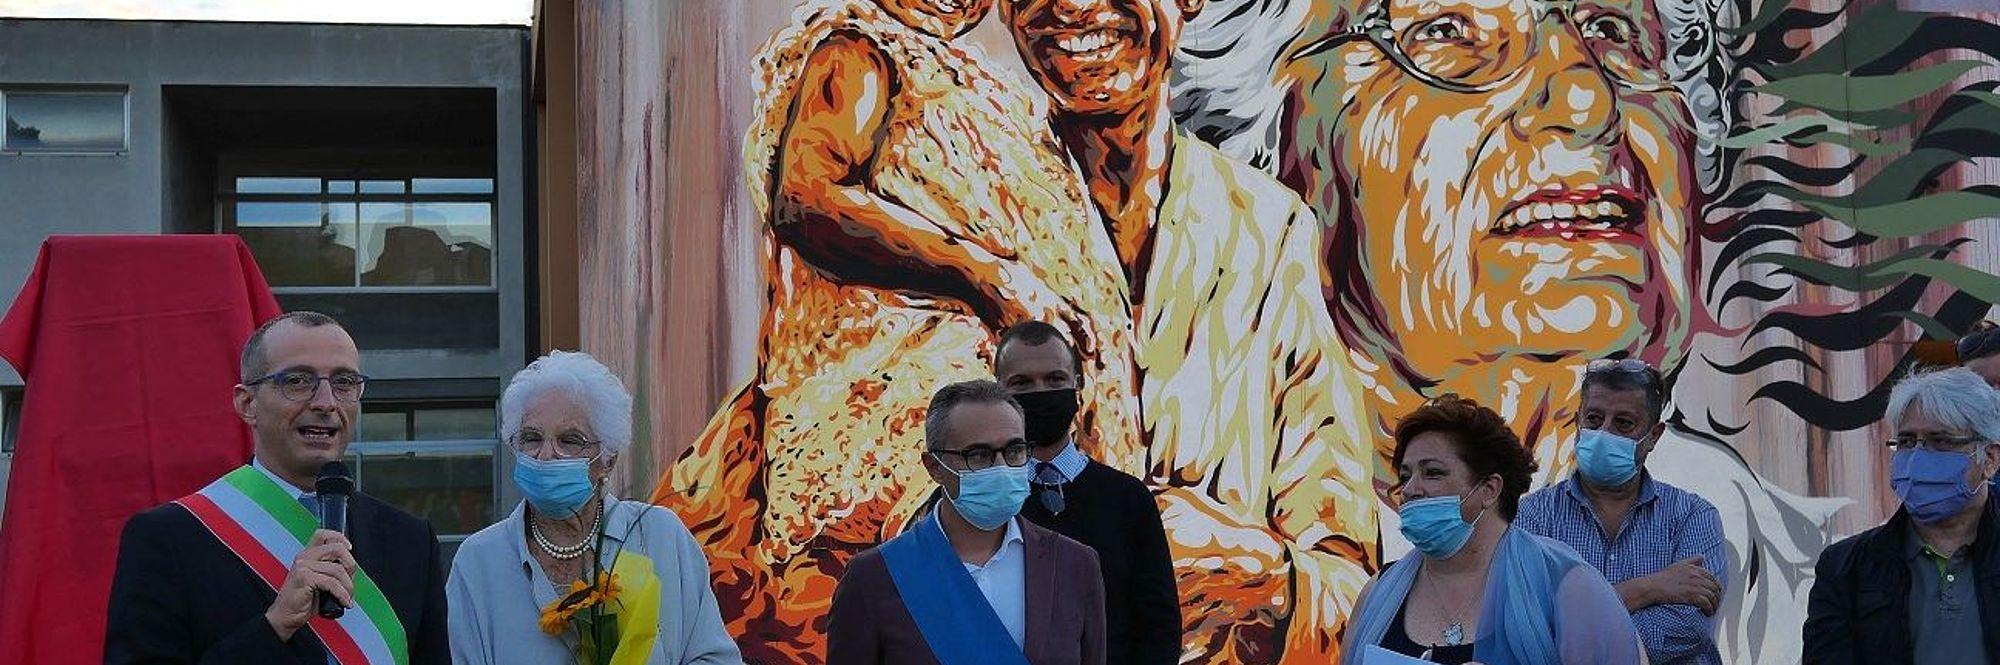 Ricci Segre davanti al murales a lei dedicato